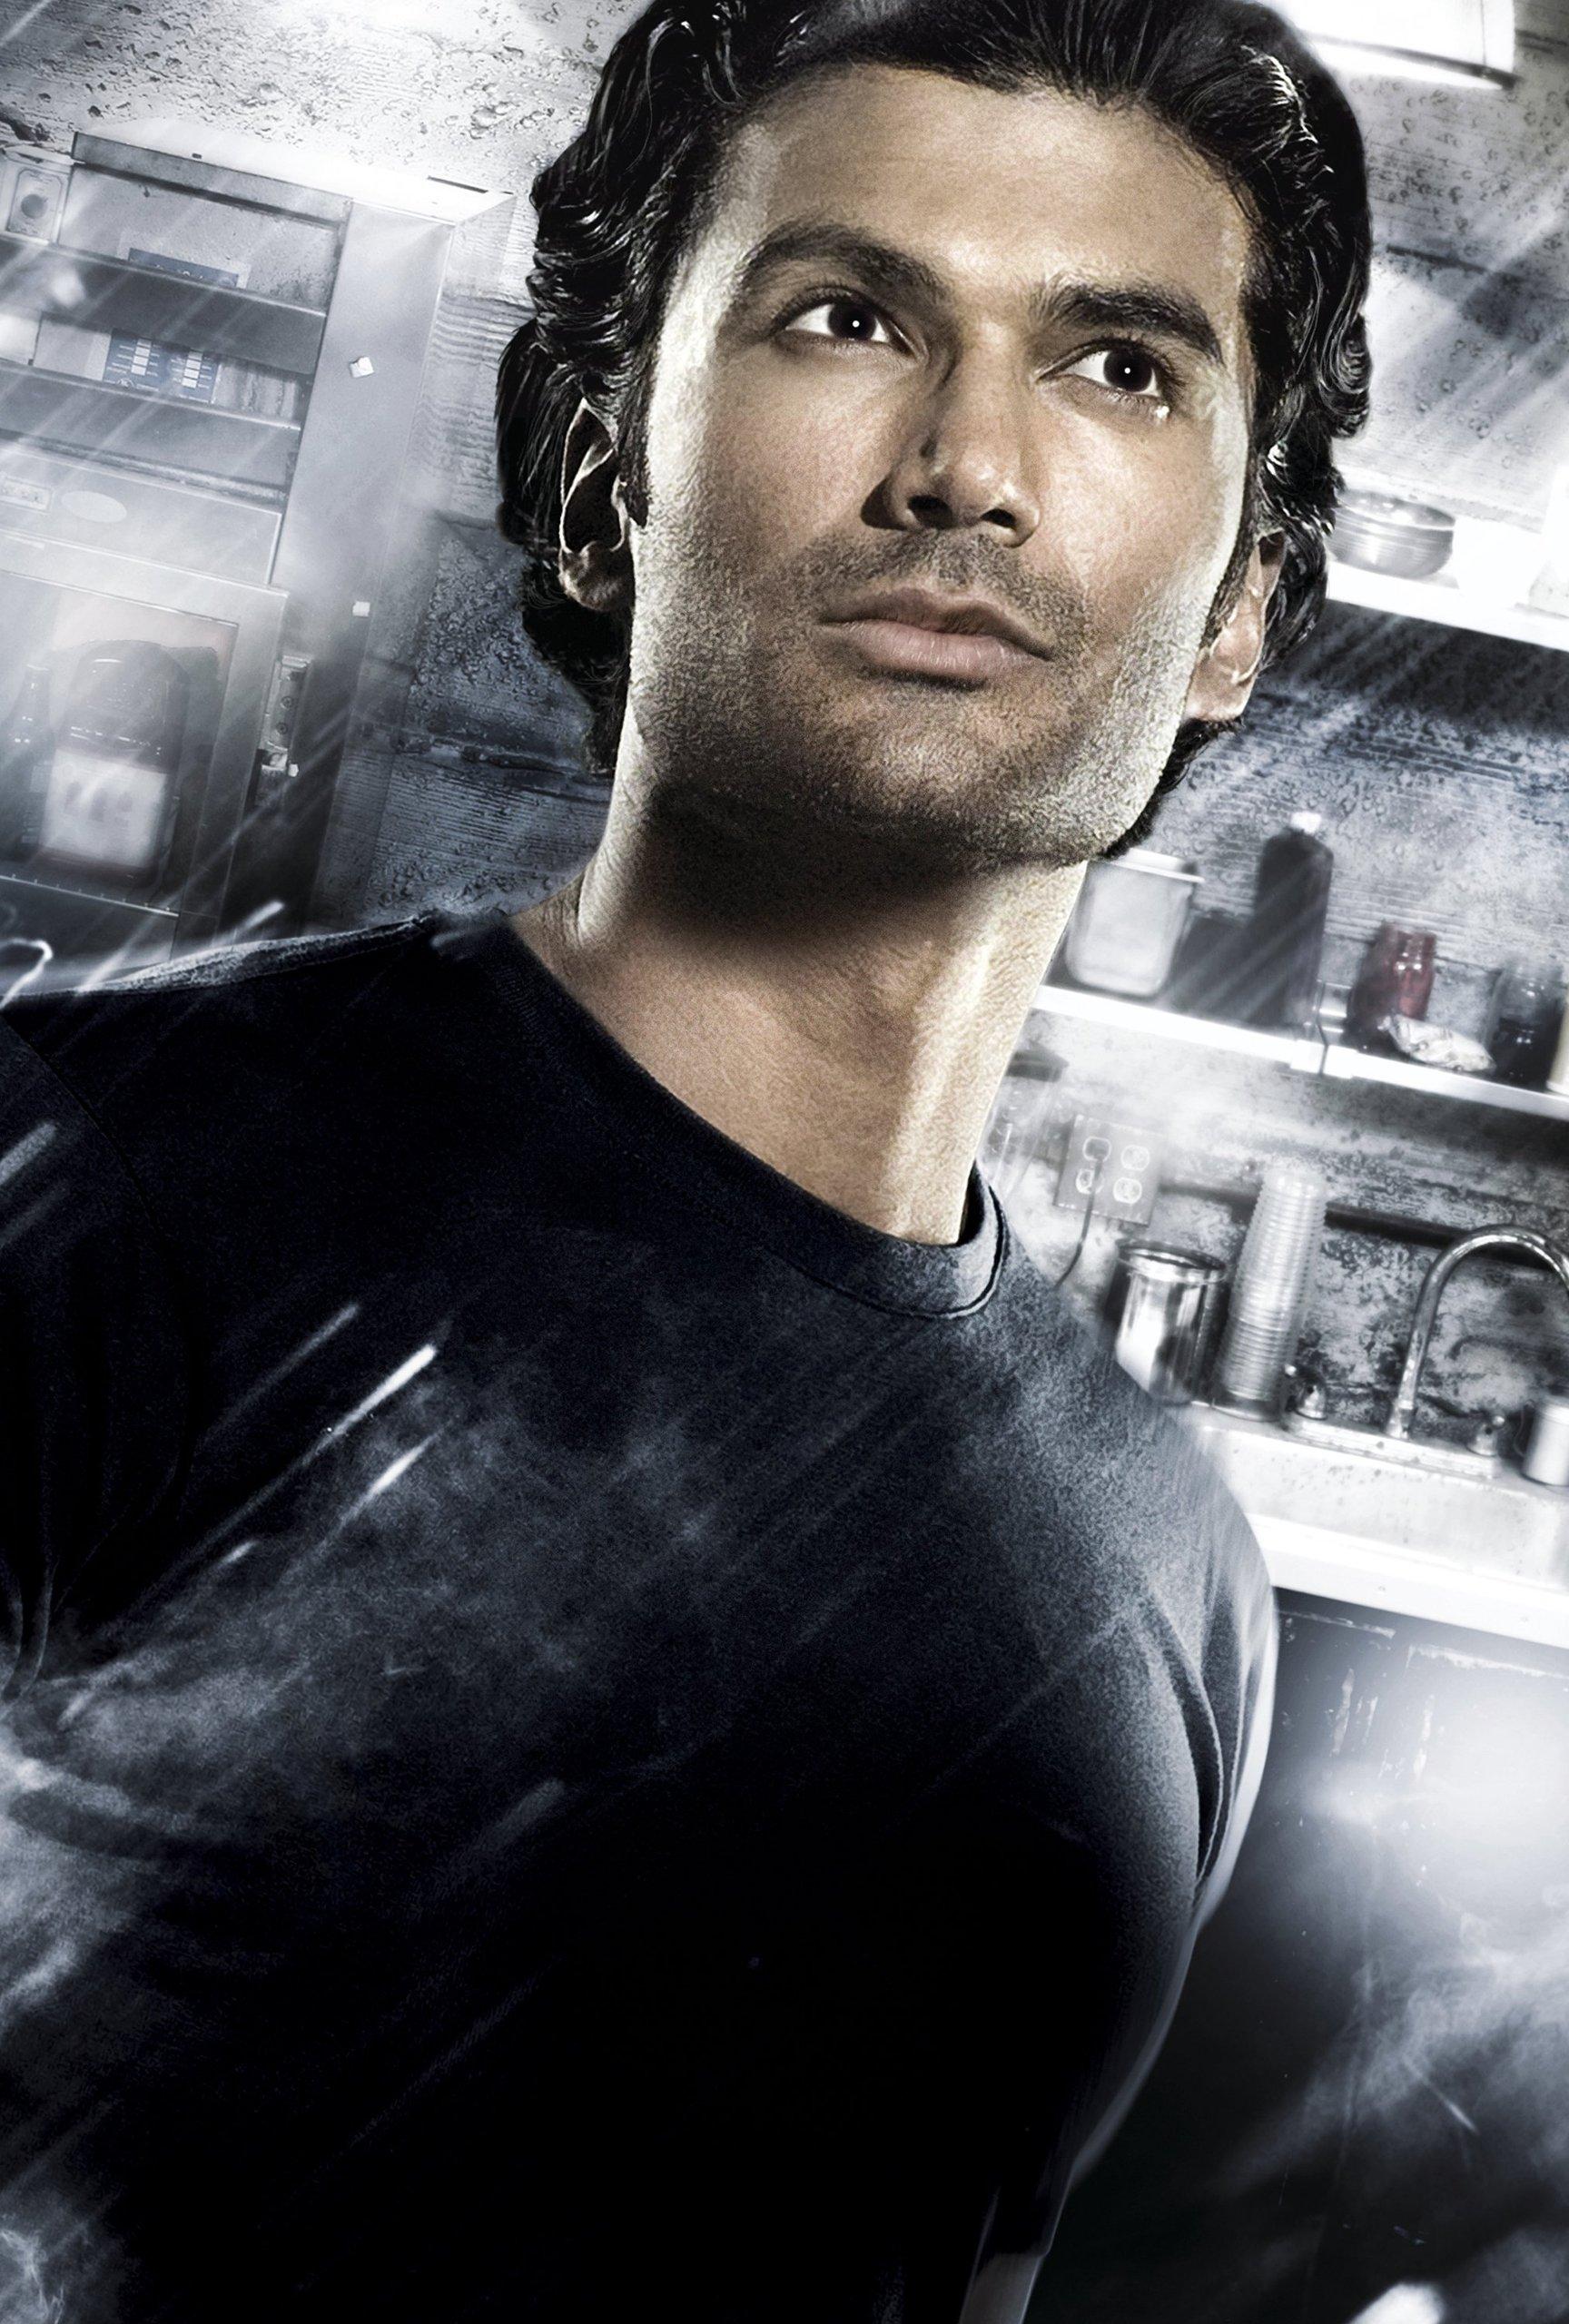 Heroes Season 3 Promo Mohinder Suresh - Heroes Photo ...